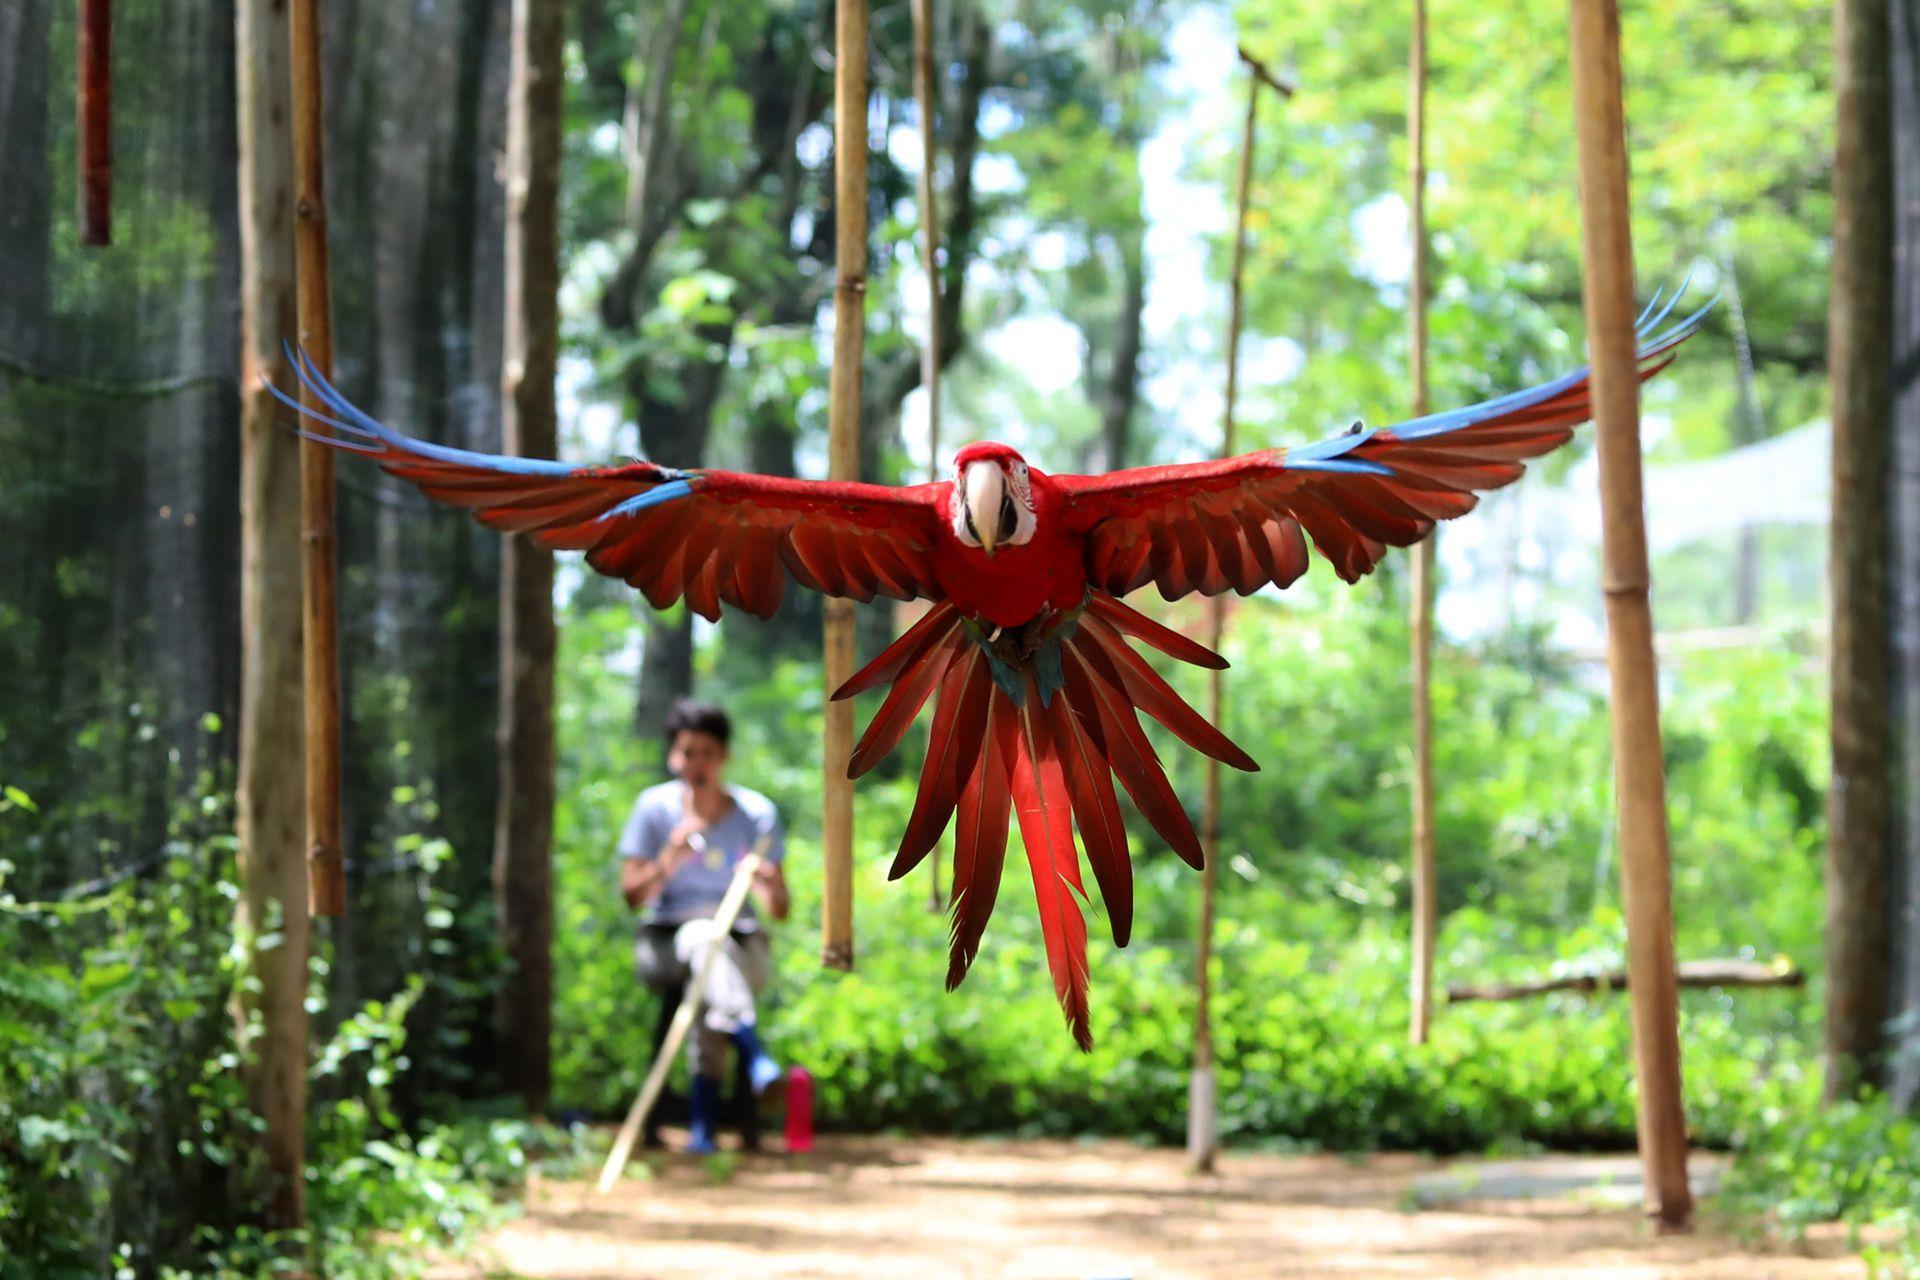 A los guacamayos nacidos en cautiverio hay que enseñarles a volar